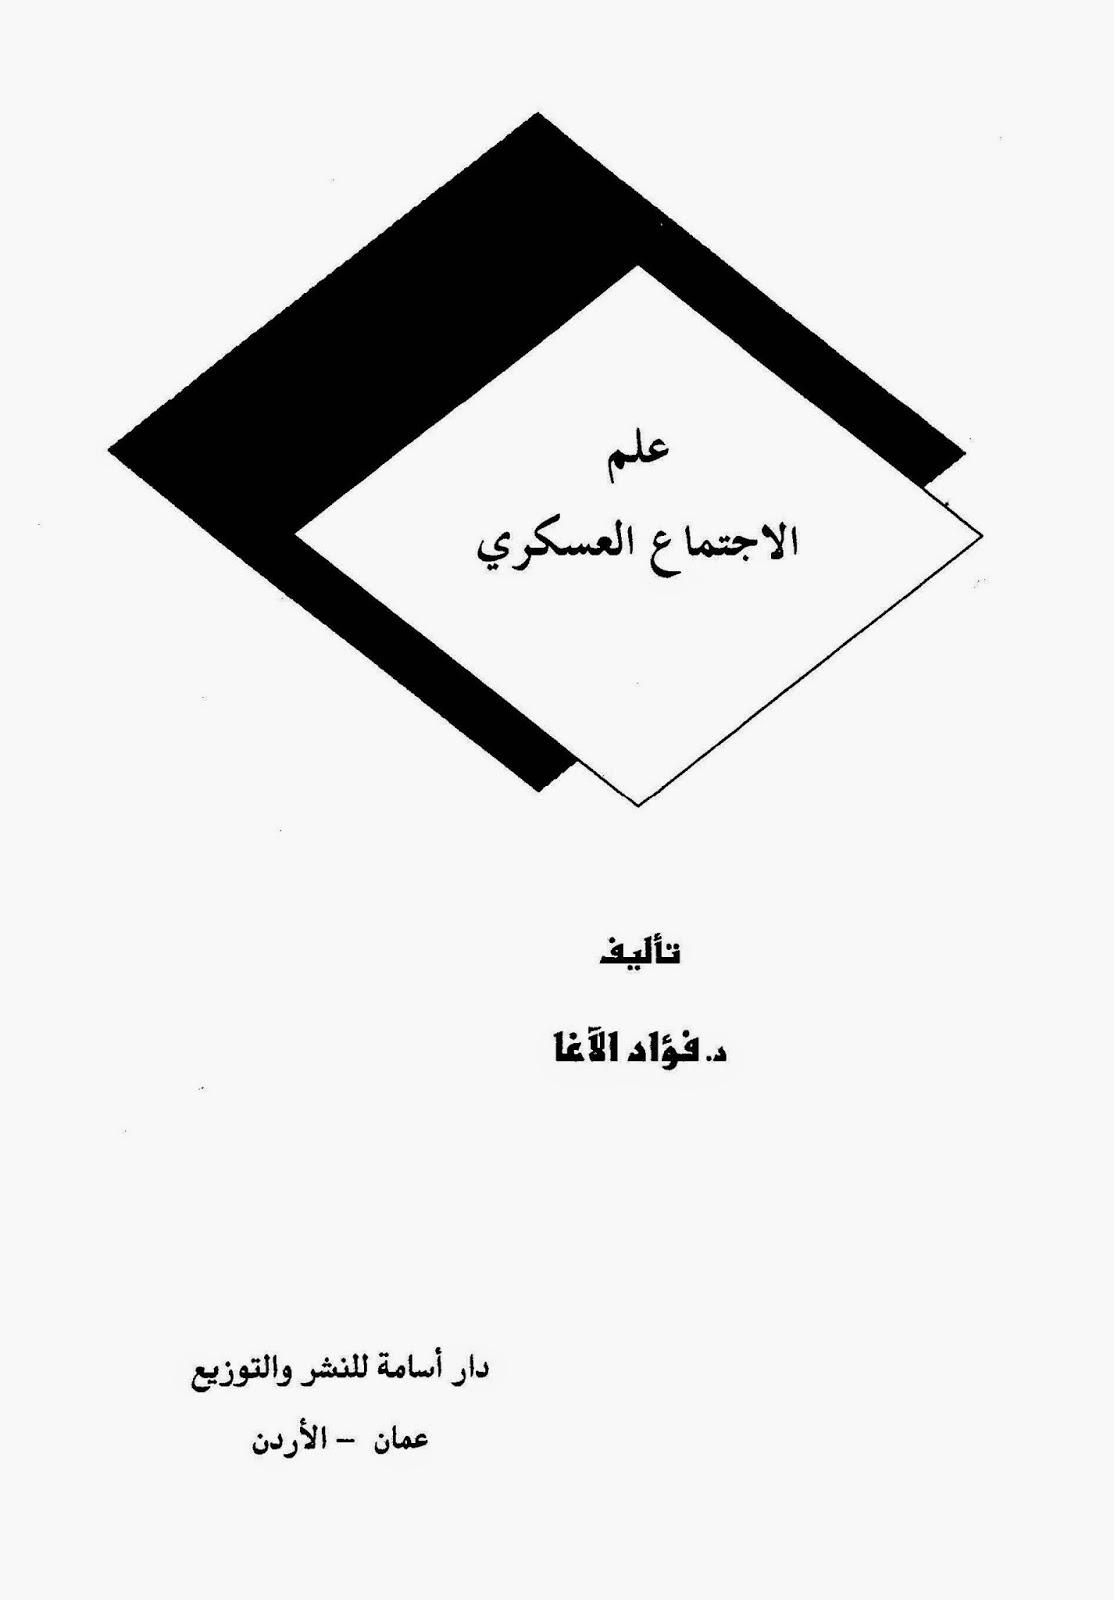 كتاب علم الإجتماع العسكري لـ فؤاد الأغا